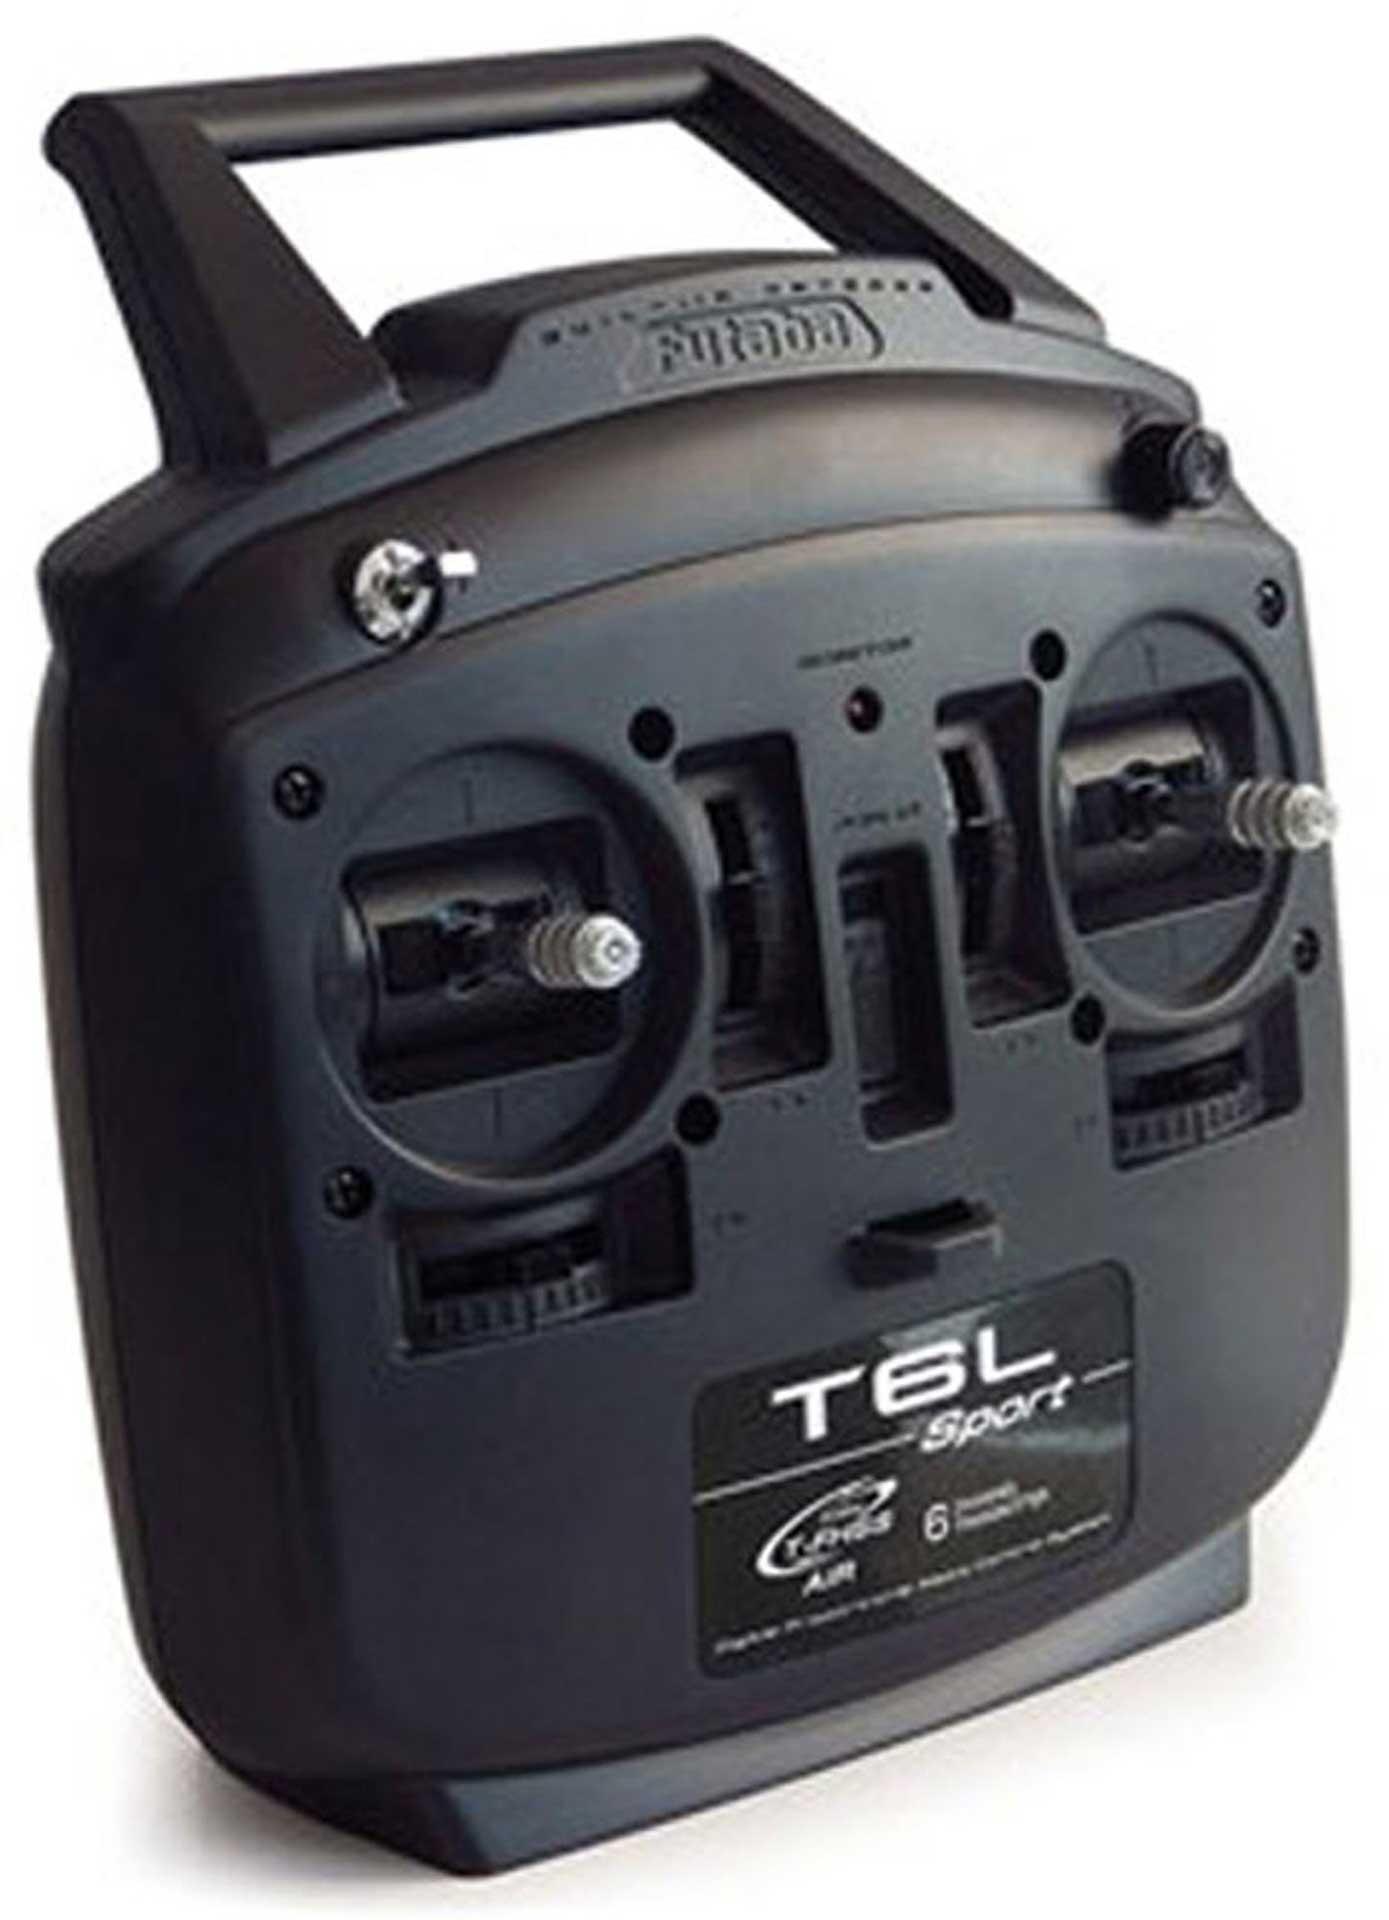 FUTABA T6L SPORT T-FHSS MIT R3106GF MODE 1 2,4Ghz FERNSTEUERUNG